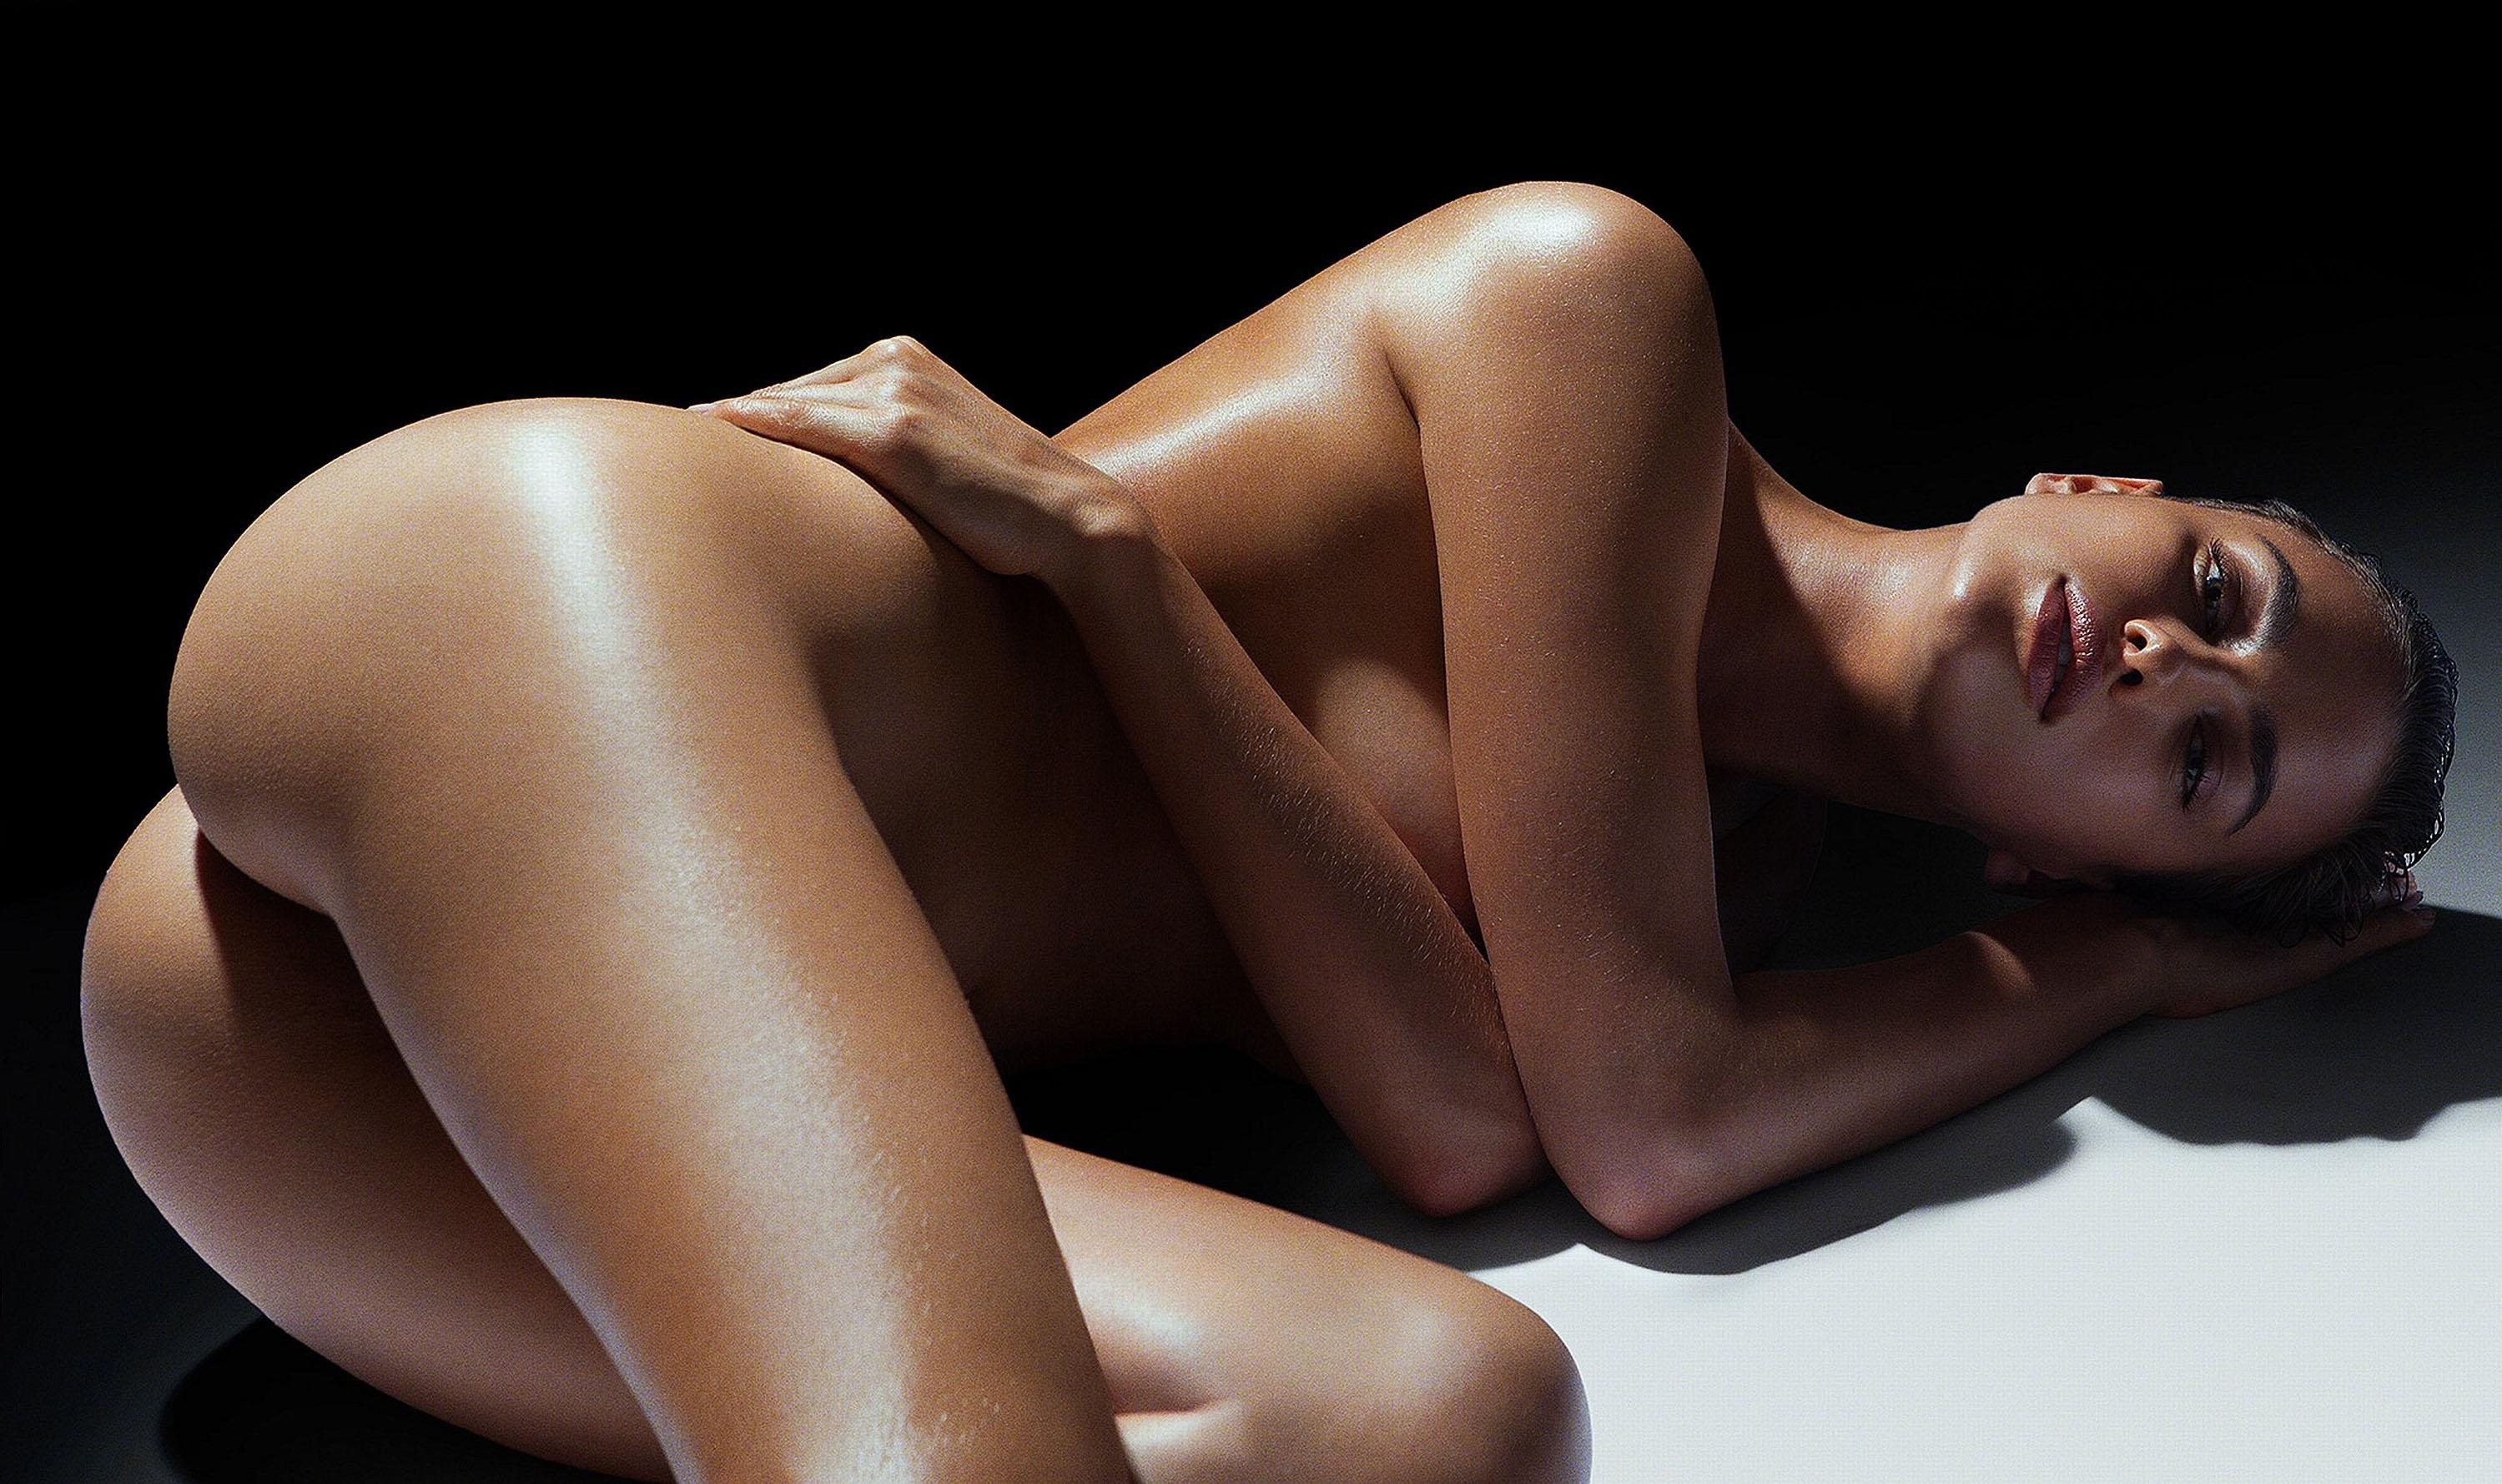 nude-shots-mia-rudolph-naked